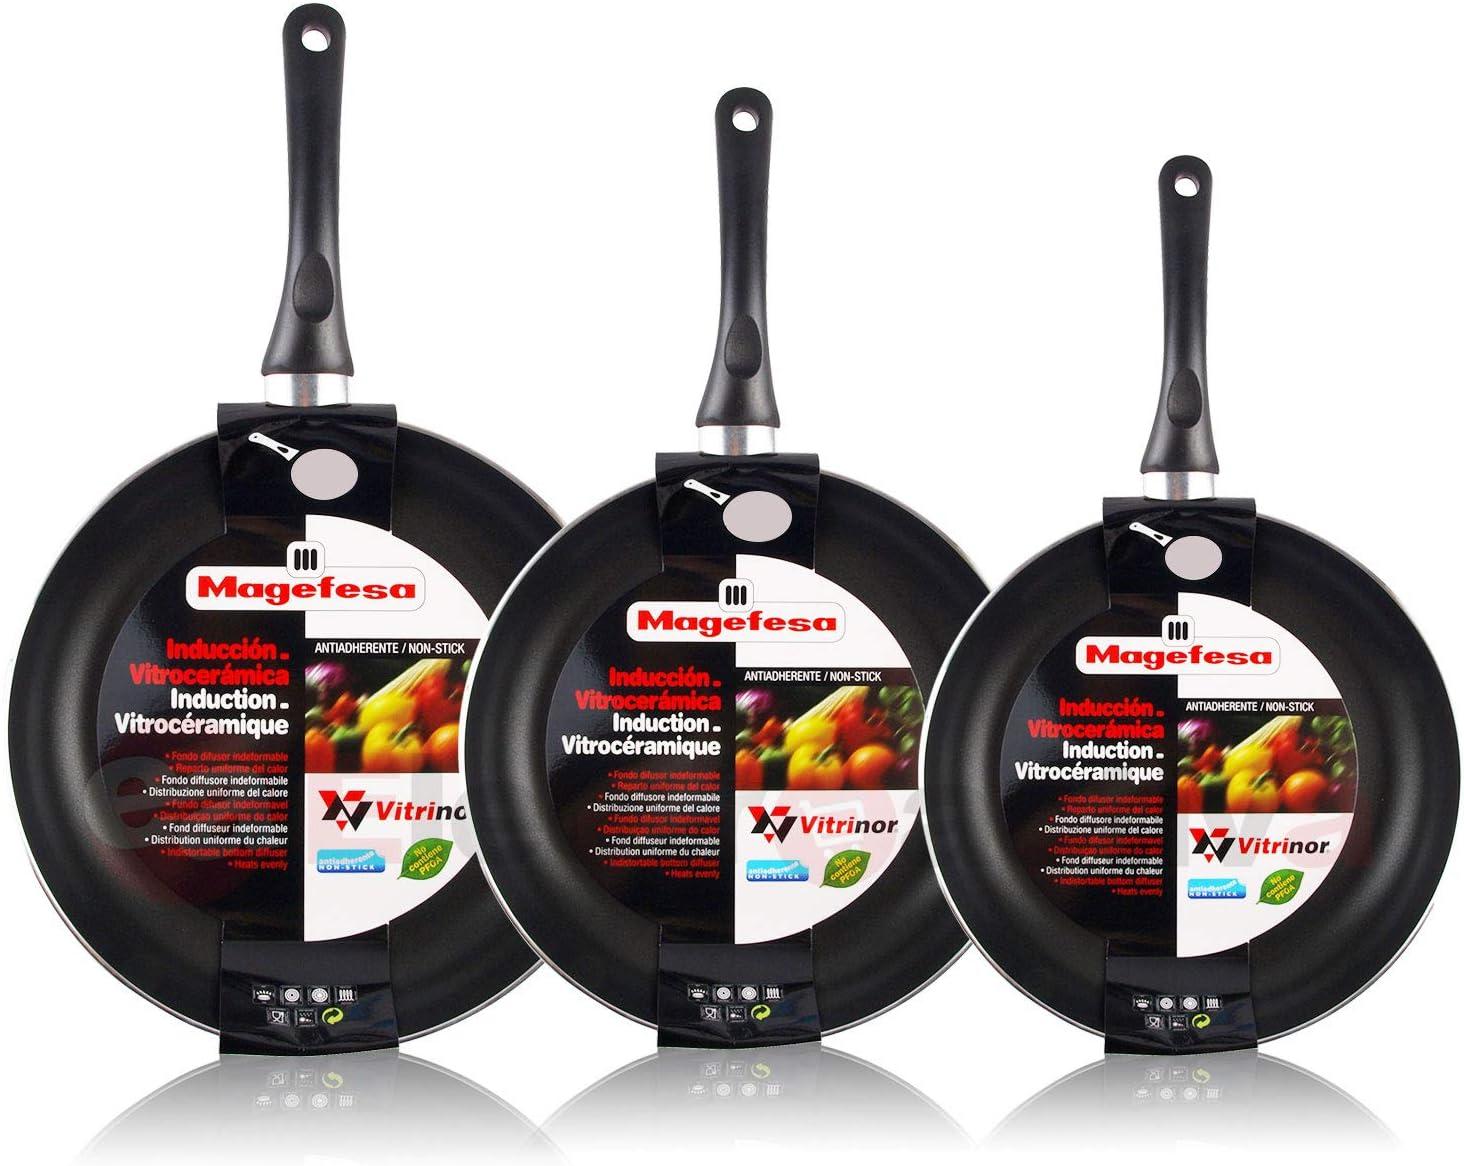 Magefesa Vitral - Set Juego 3 Sartenes 20-24-28 cm Aluminio, inducción, Antiadherente Libre de PFOA, Limpieza lavavajillas Apta para Todas Las cocinas, vitroceramica, Gas.